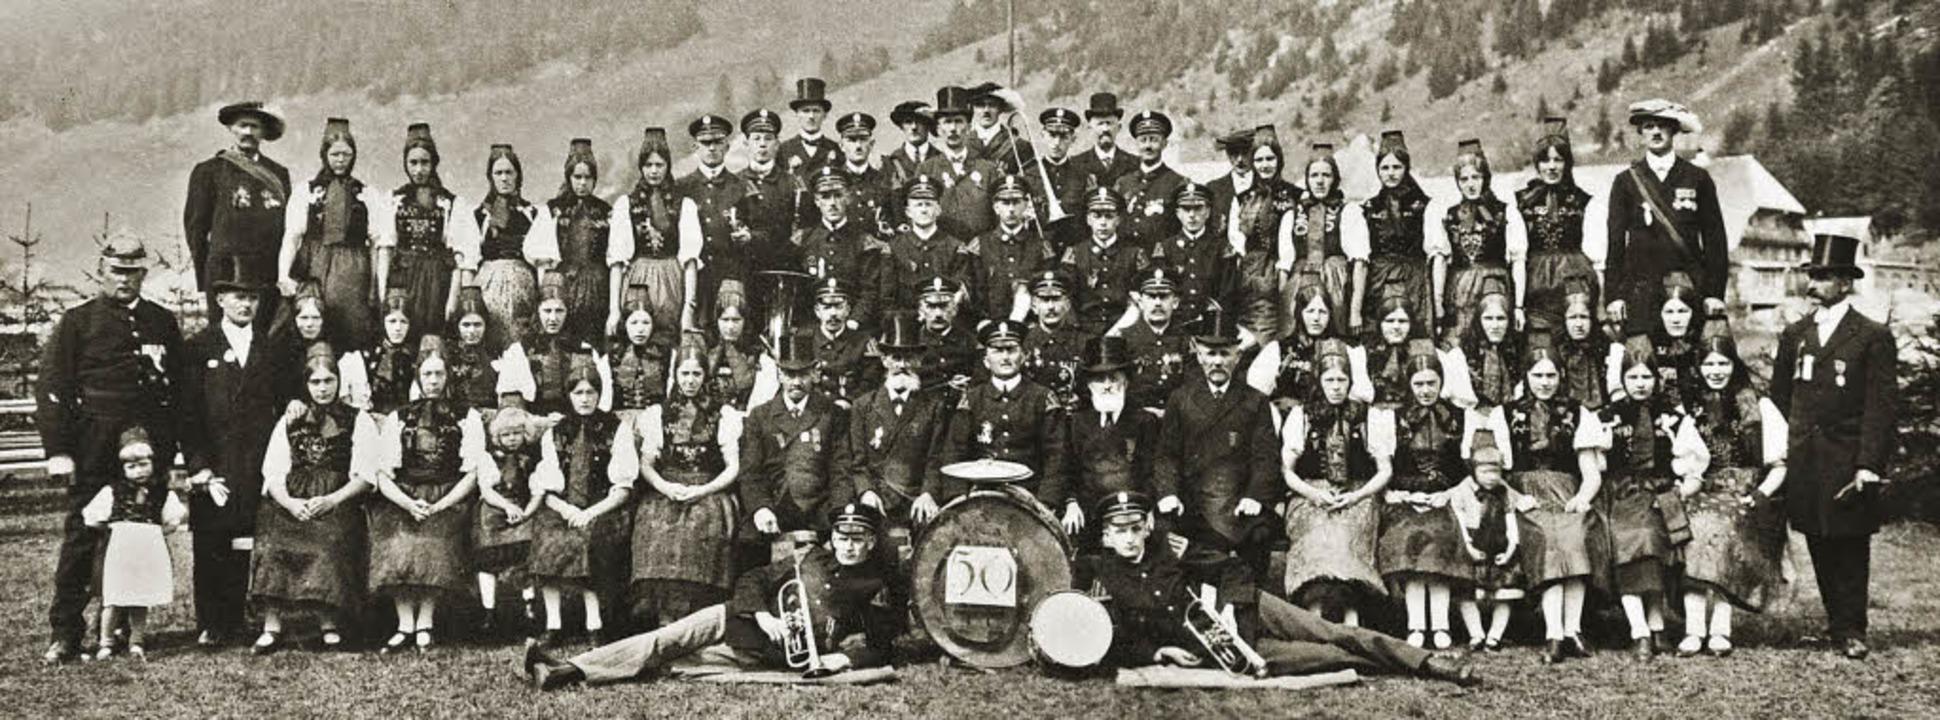 Der Musikverein Menzenschwand im Jahr 1926, 50 Jahre nach der Gründung.  | Foto: Musikverein Menzenschwand